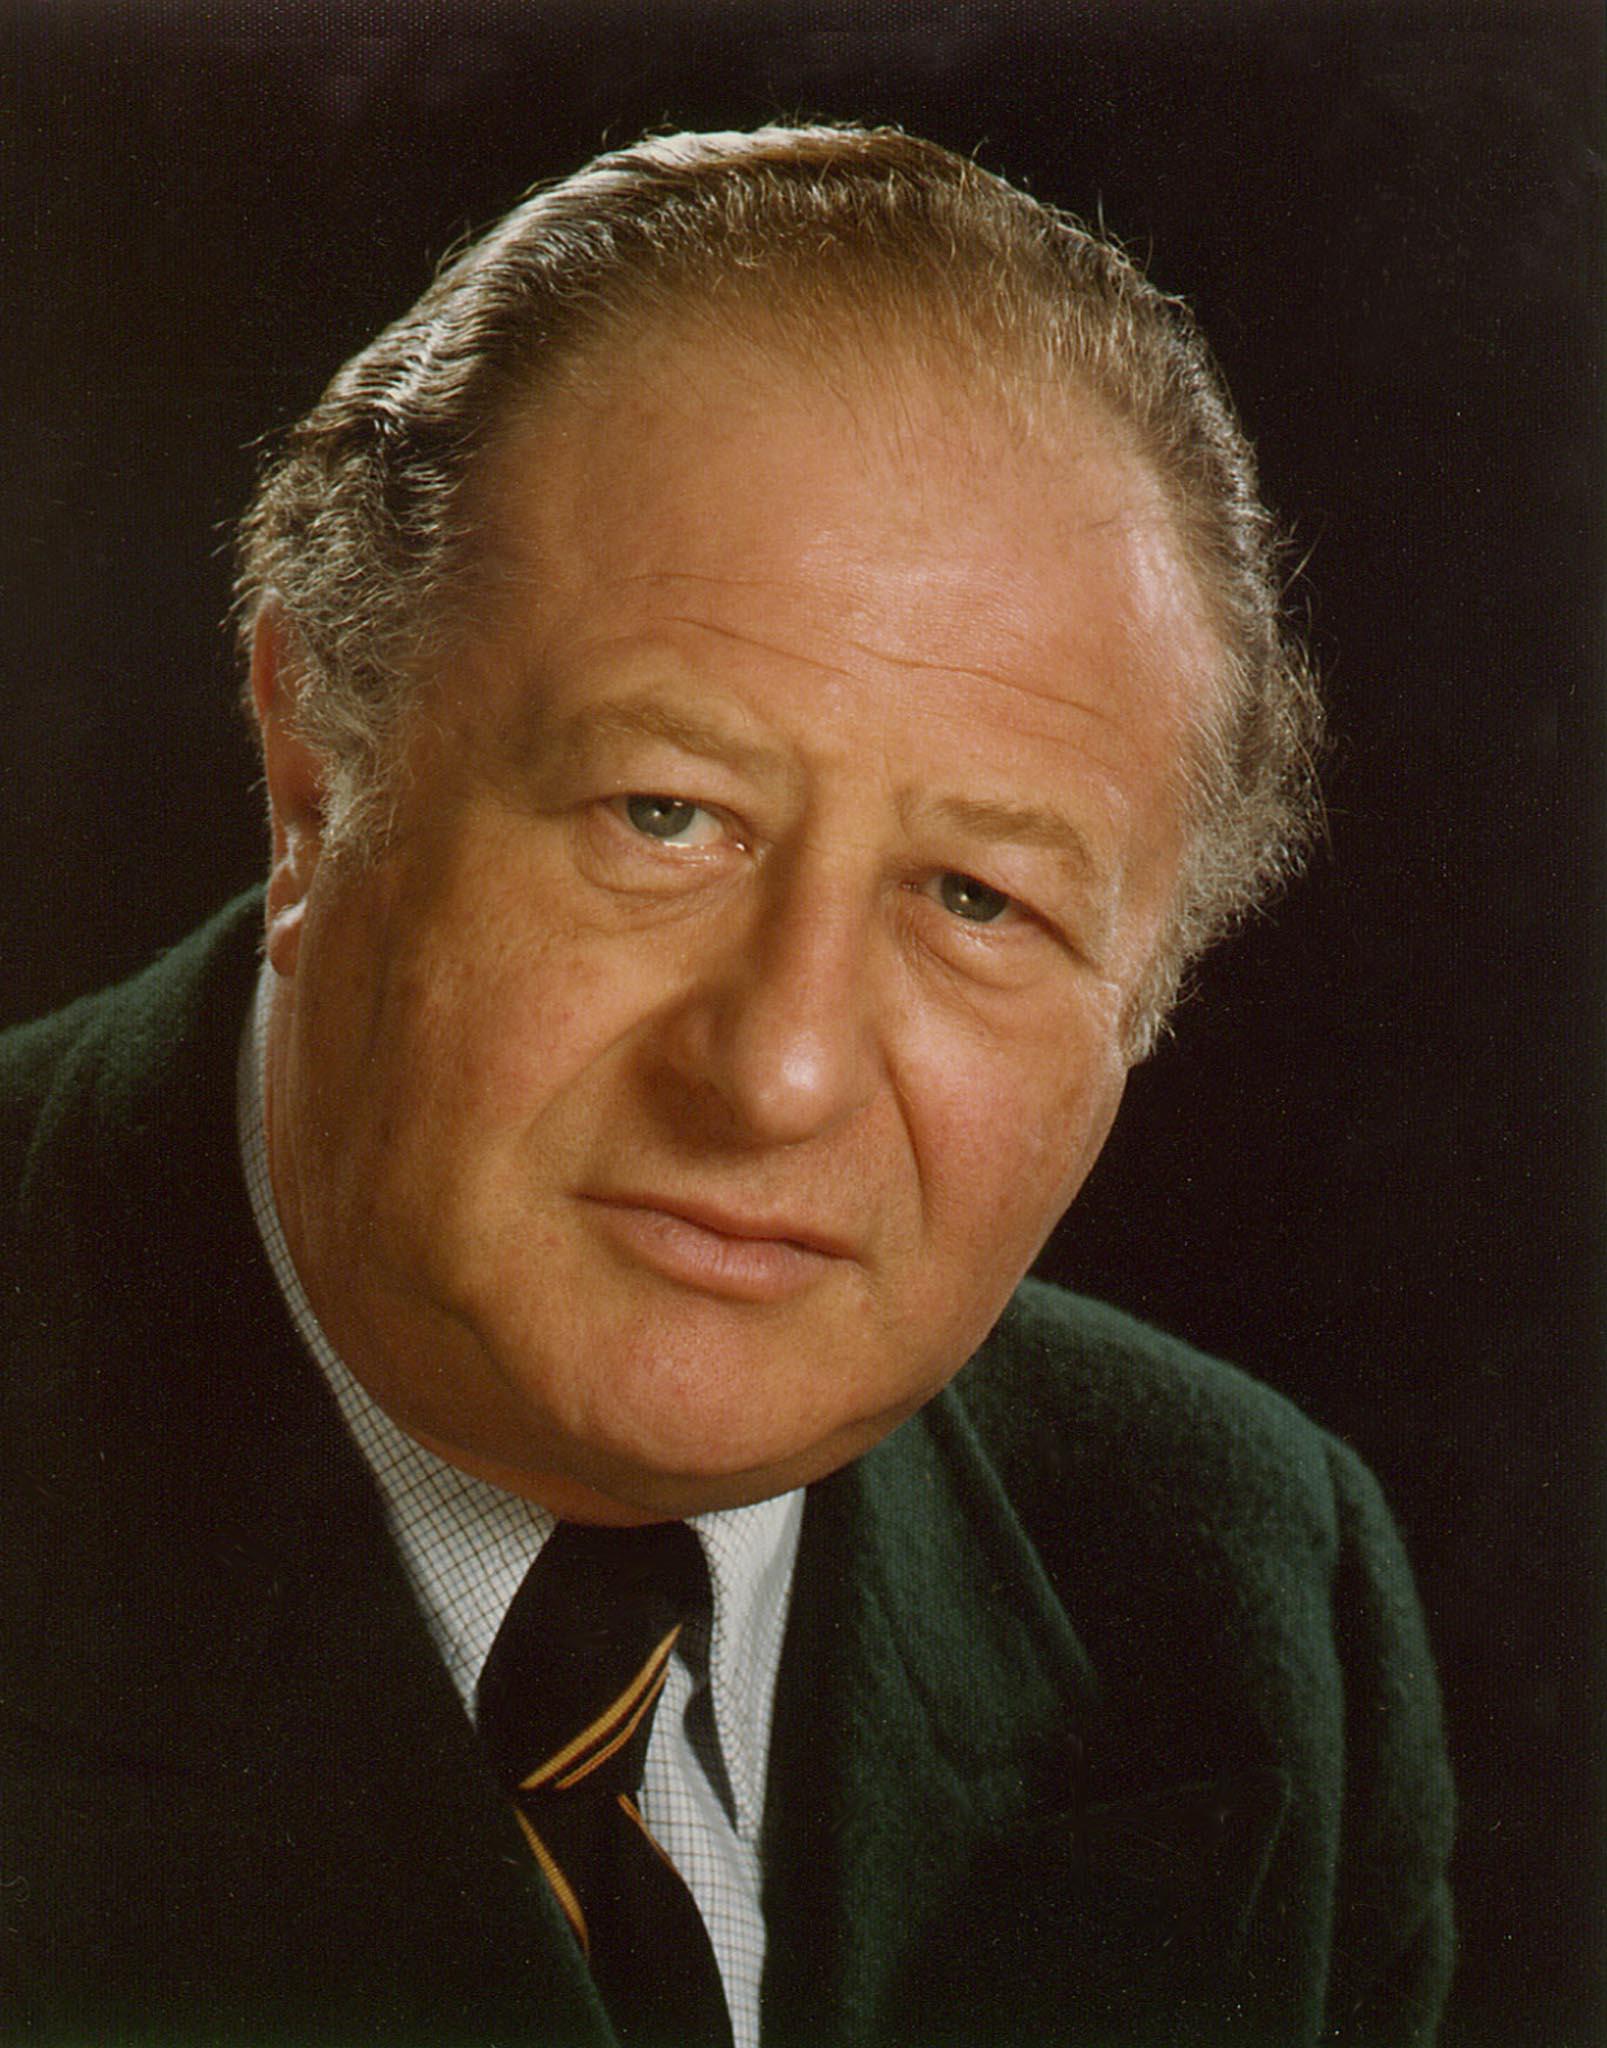 Bruno Kreisky; Bundeskanzler der Republik Österreich vom 21. April 1970 bis 24. Mai 1983 Foto: BKA/BPD